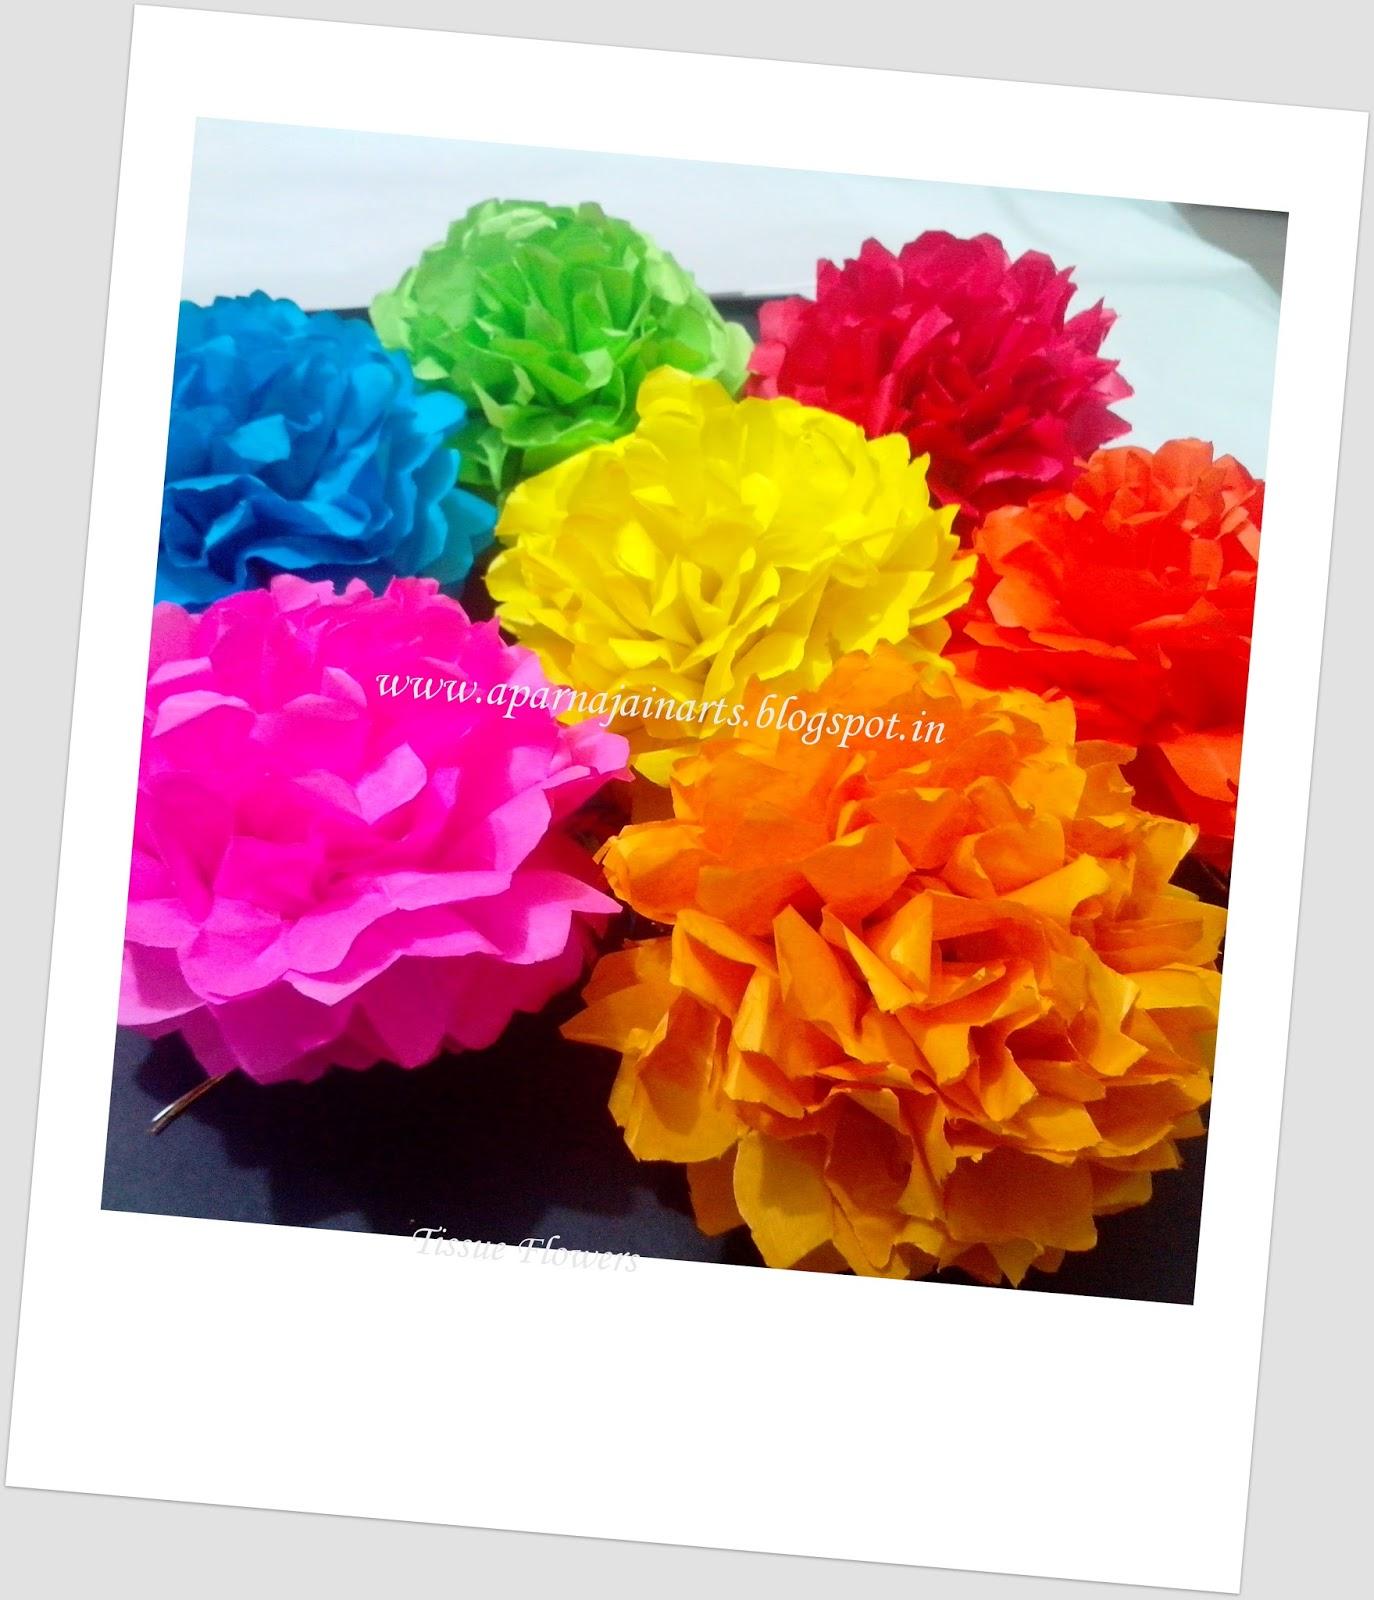 The crafty world pankh arts pom pom tissuekite paper flowers the crafty world pankh arts pom pom tissuekite paper flowers mightylinksfo